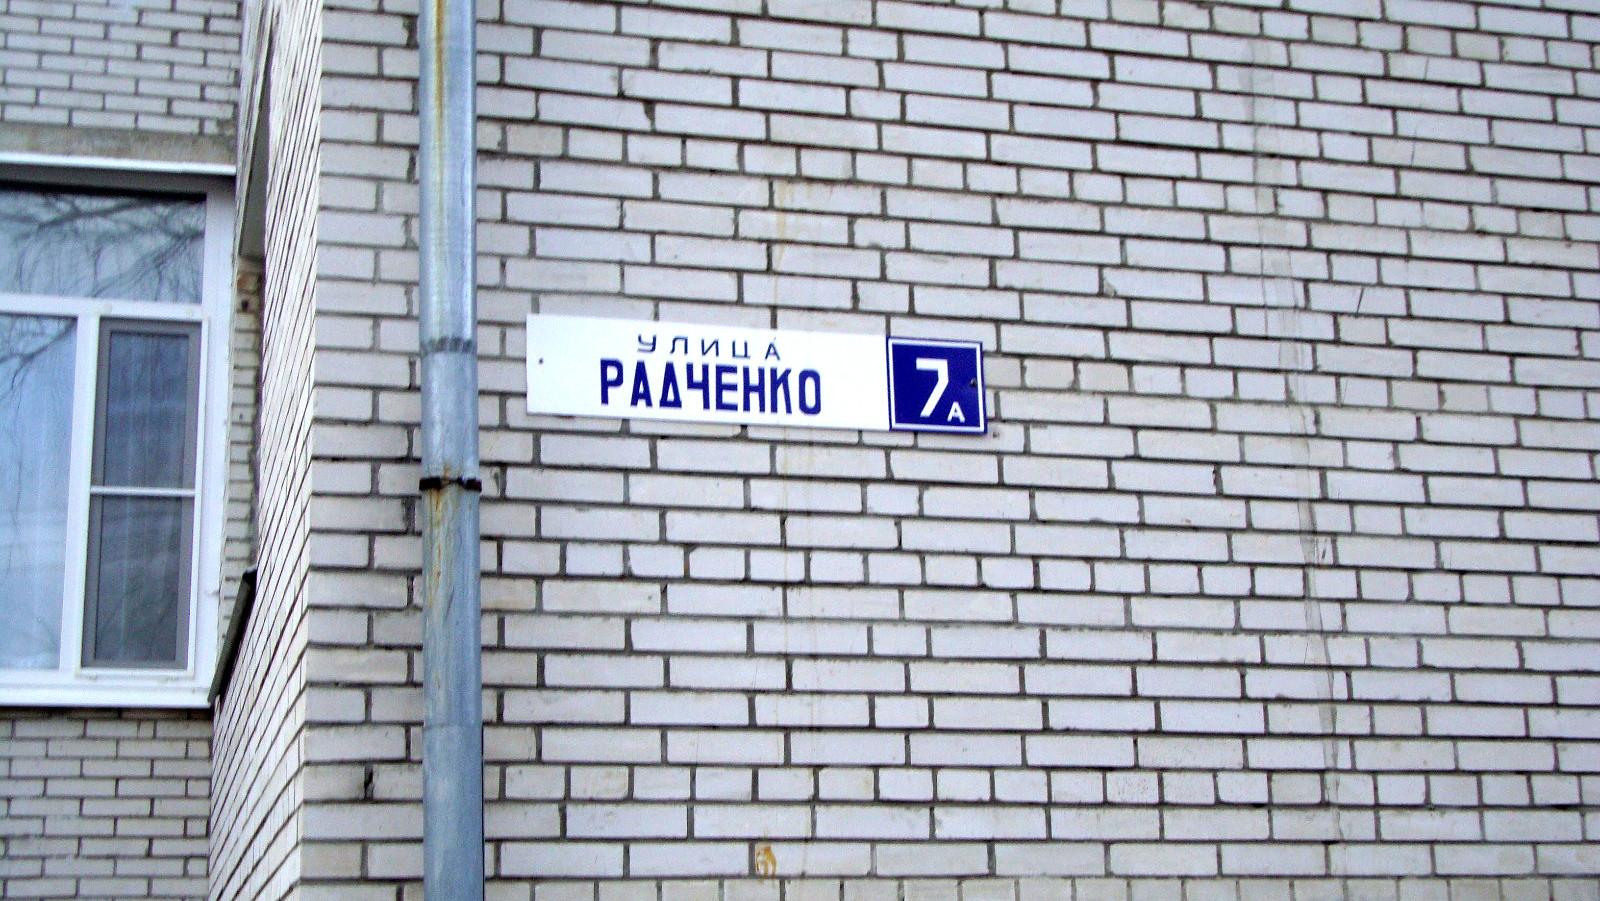 Улица Радченко